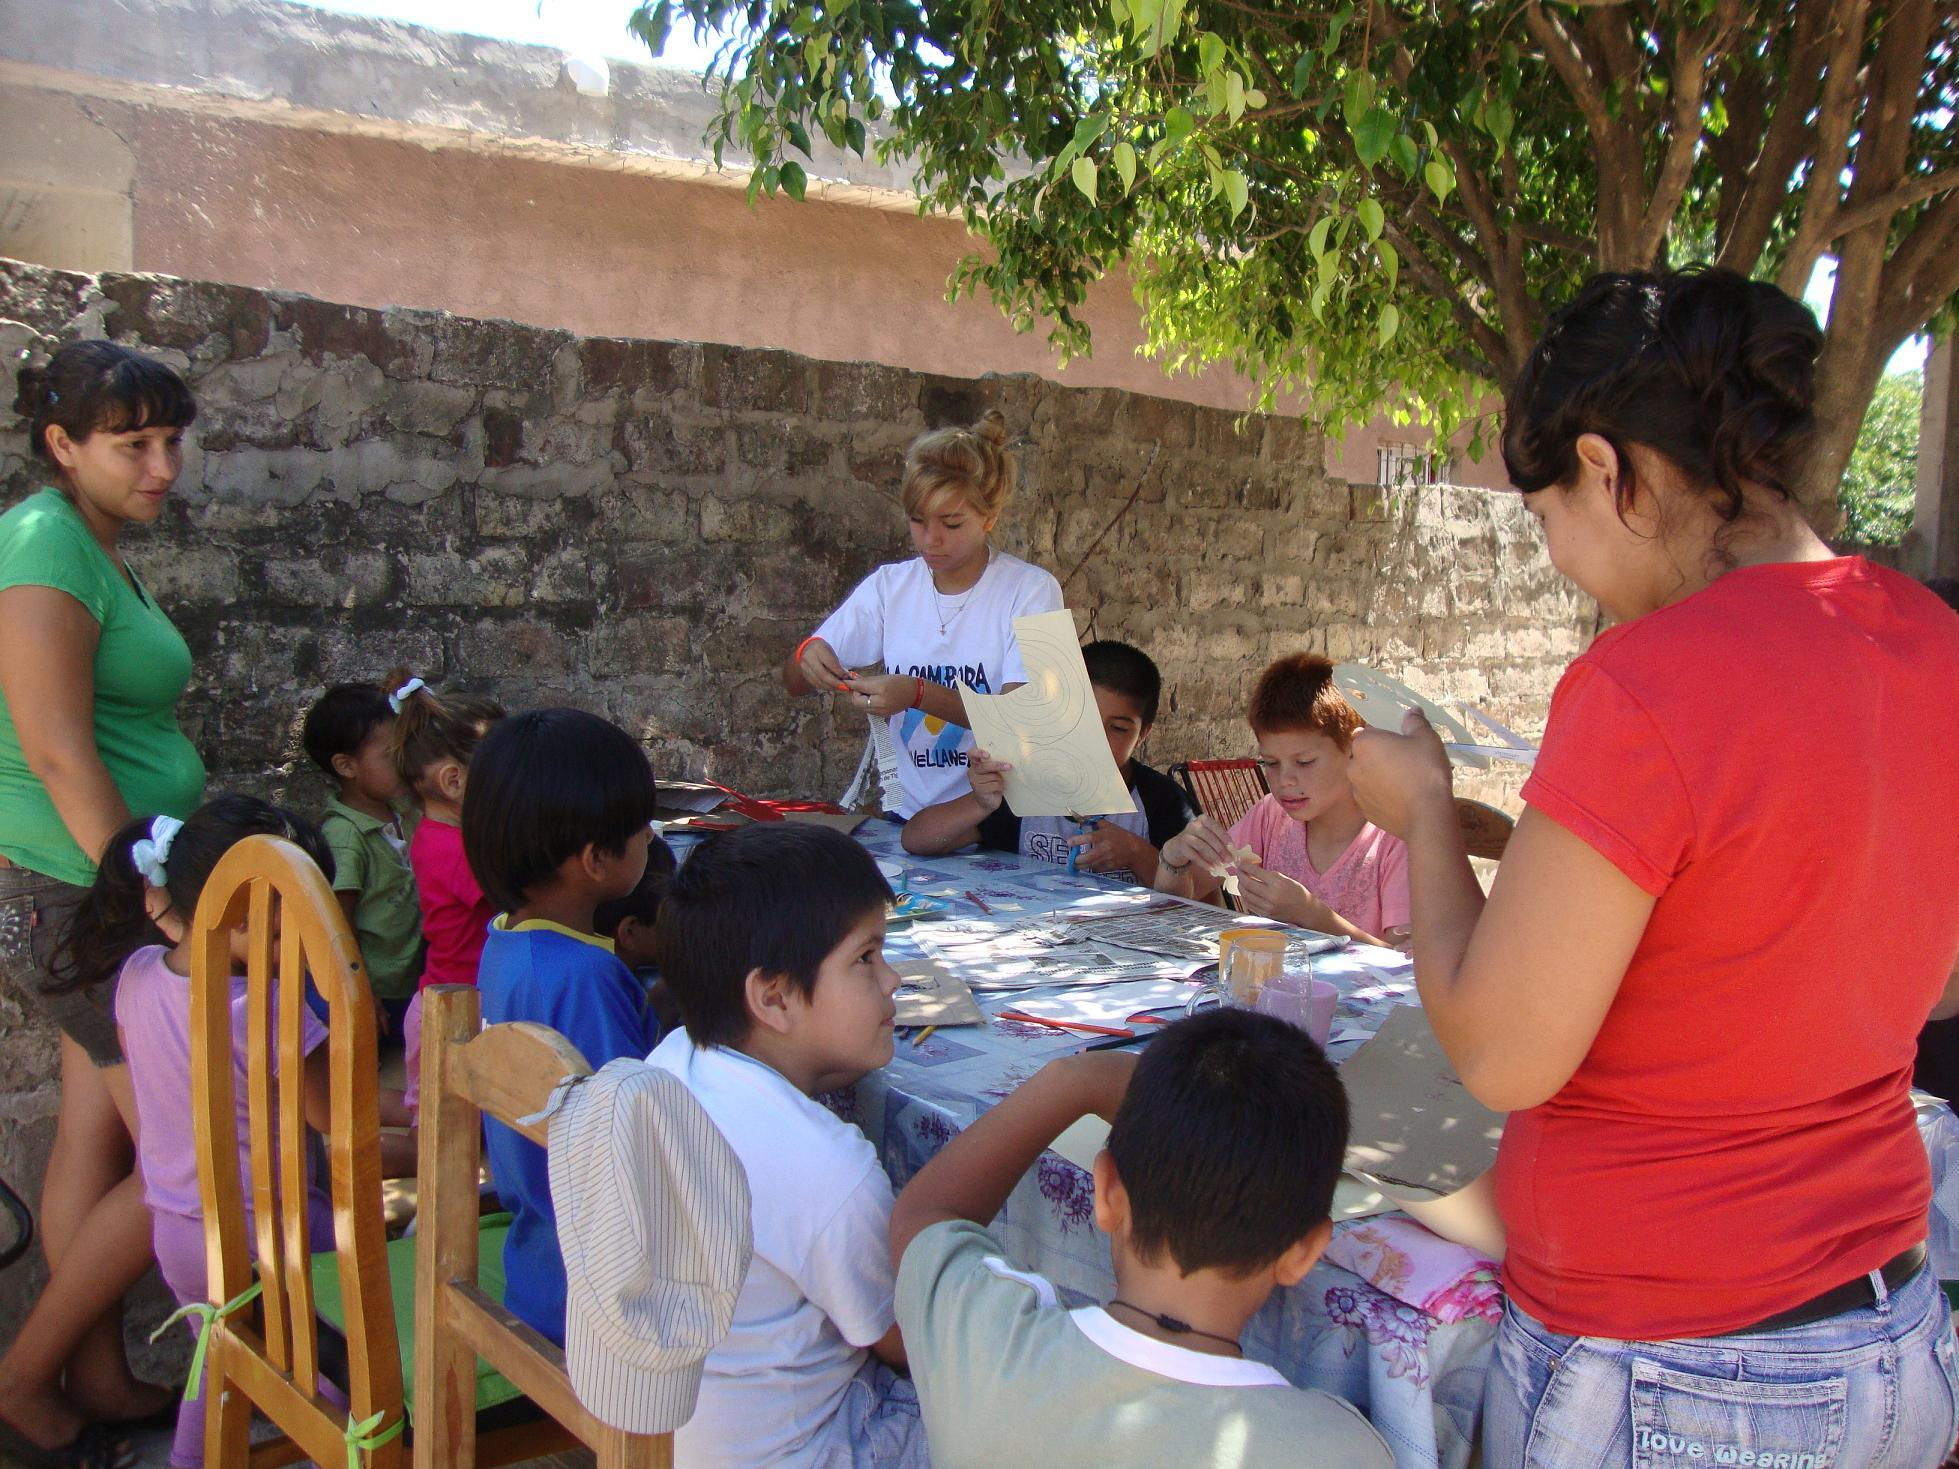 actividad-recreativa-en-el-barrio-santa-catalina-6